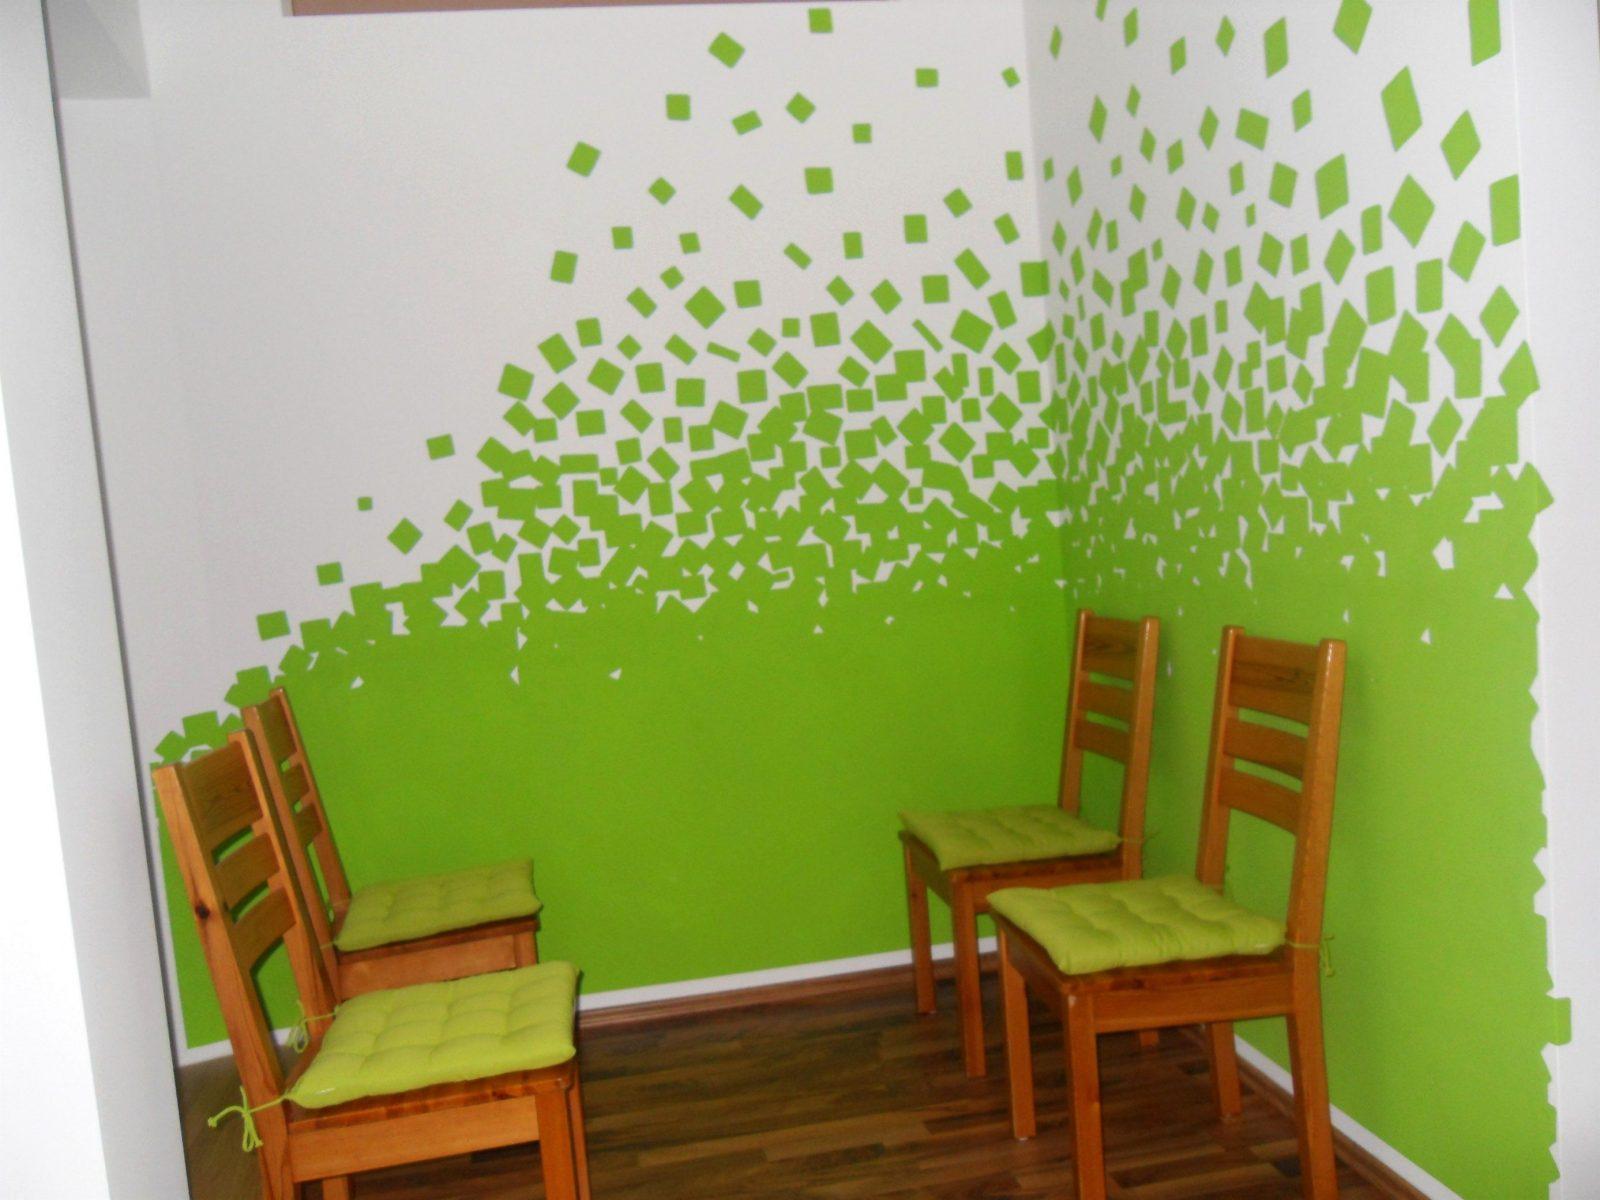 Awesome Wand Streichen Muster  Homemaison von Wand Streichen Muster Abkleben Bild